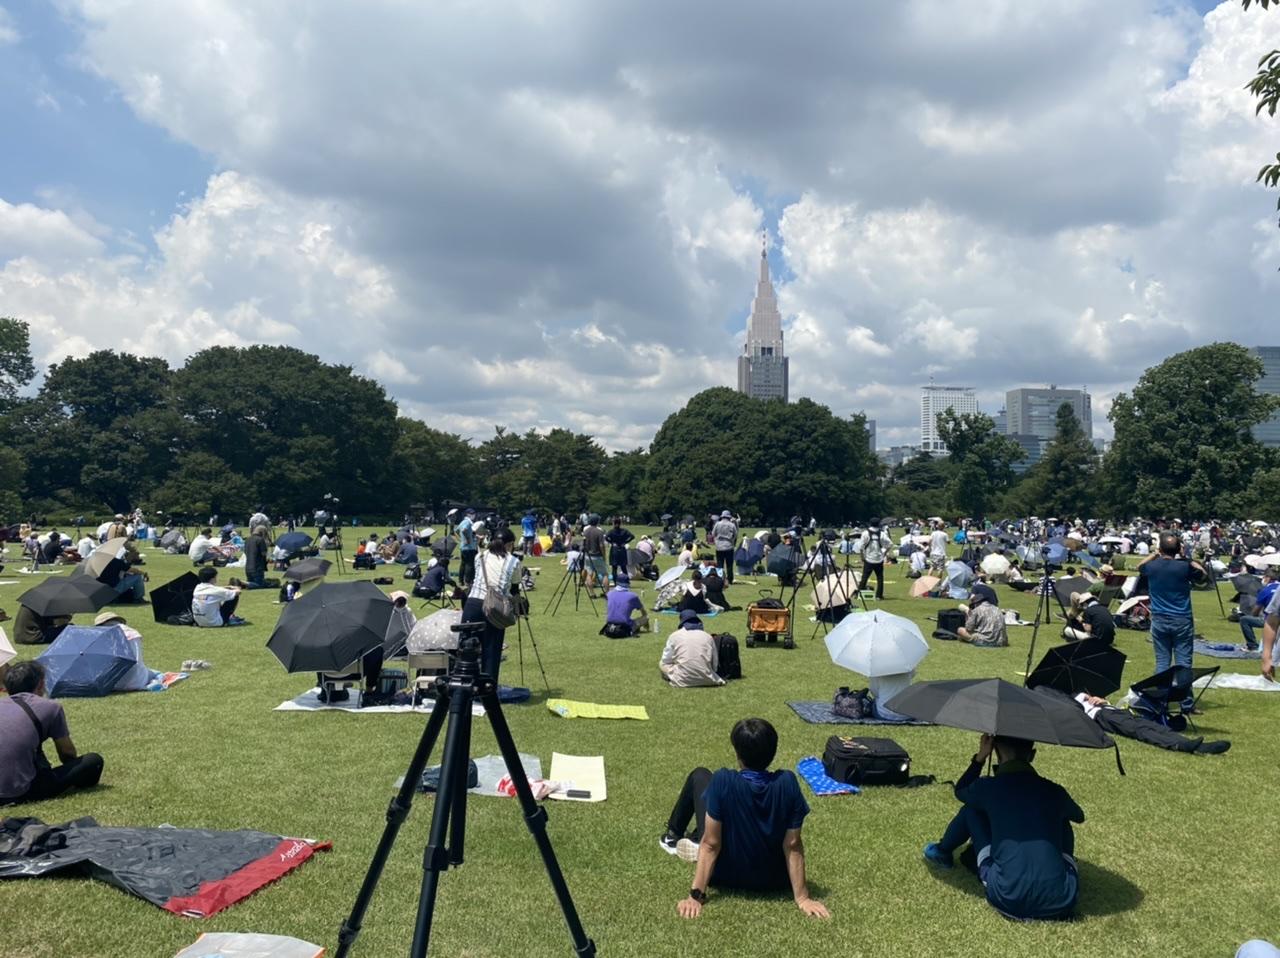 【ブルーインパルス】見えた!大感動!東京上空に5色のカラースモーク★五輪マークも♡_3